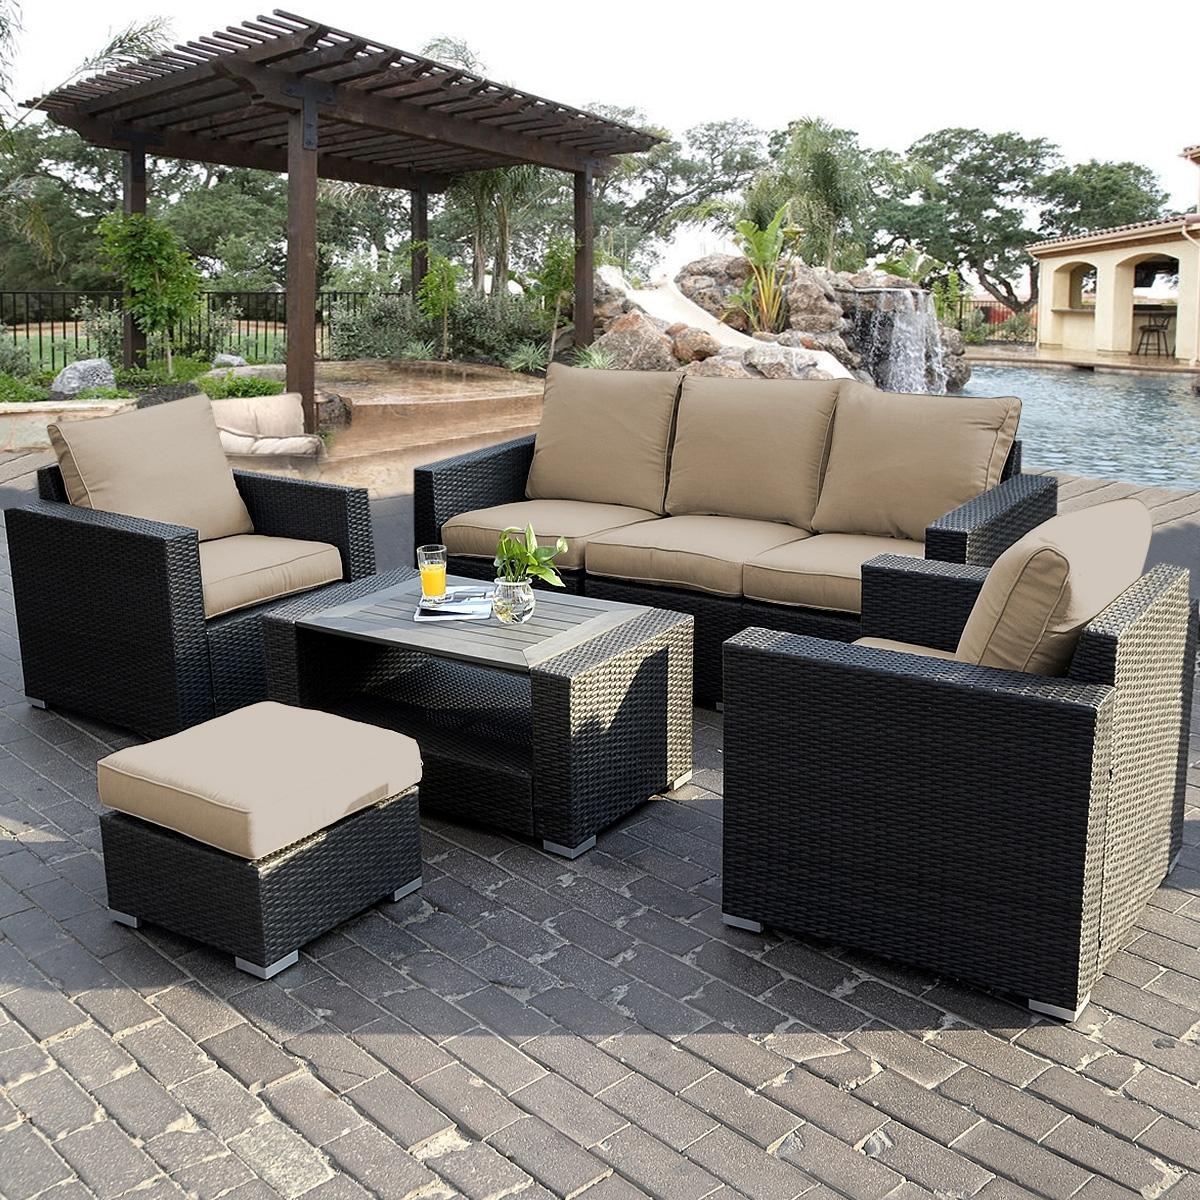 Patio & Garden : Eucalyptus Sectional Patio Furniture Patio For Patio Sofas (Image 9 of 10)